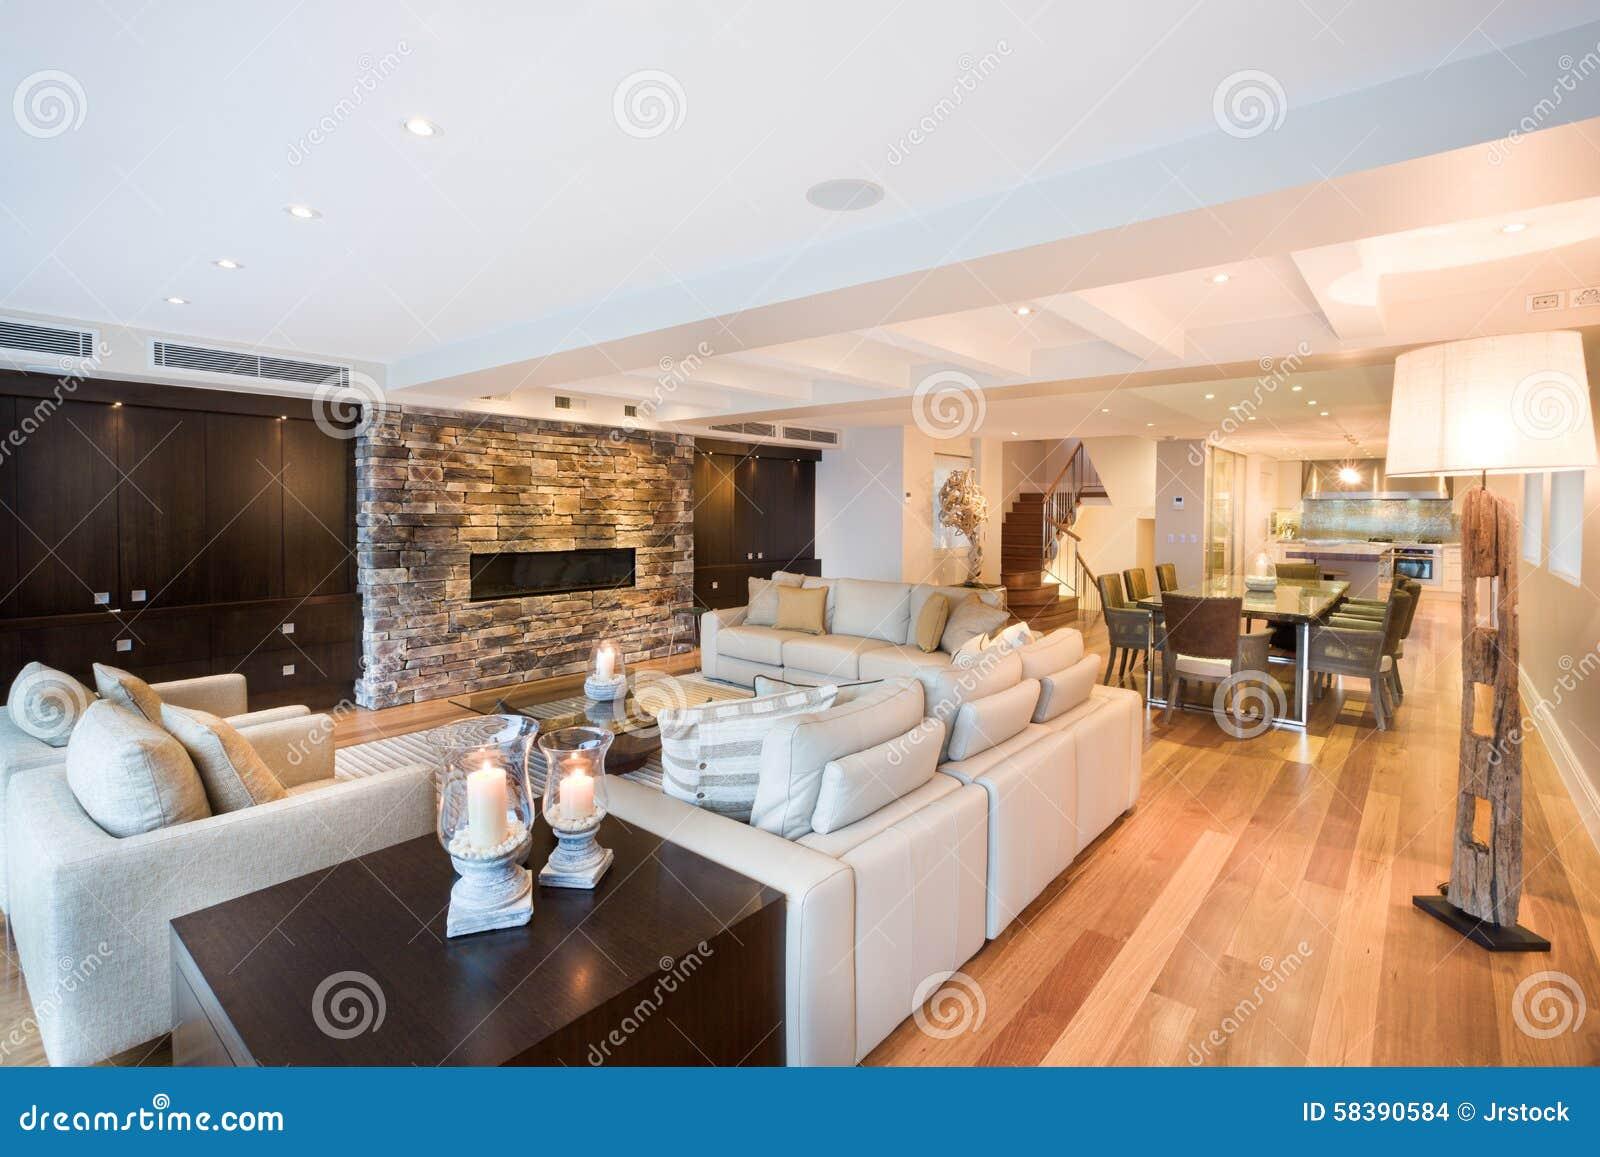 Schönes Wohnzimmer Mit Bretterboden Stockfoto - Bild von dekor ...